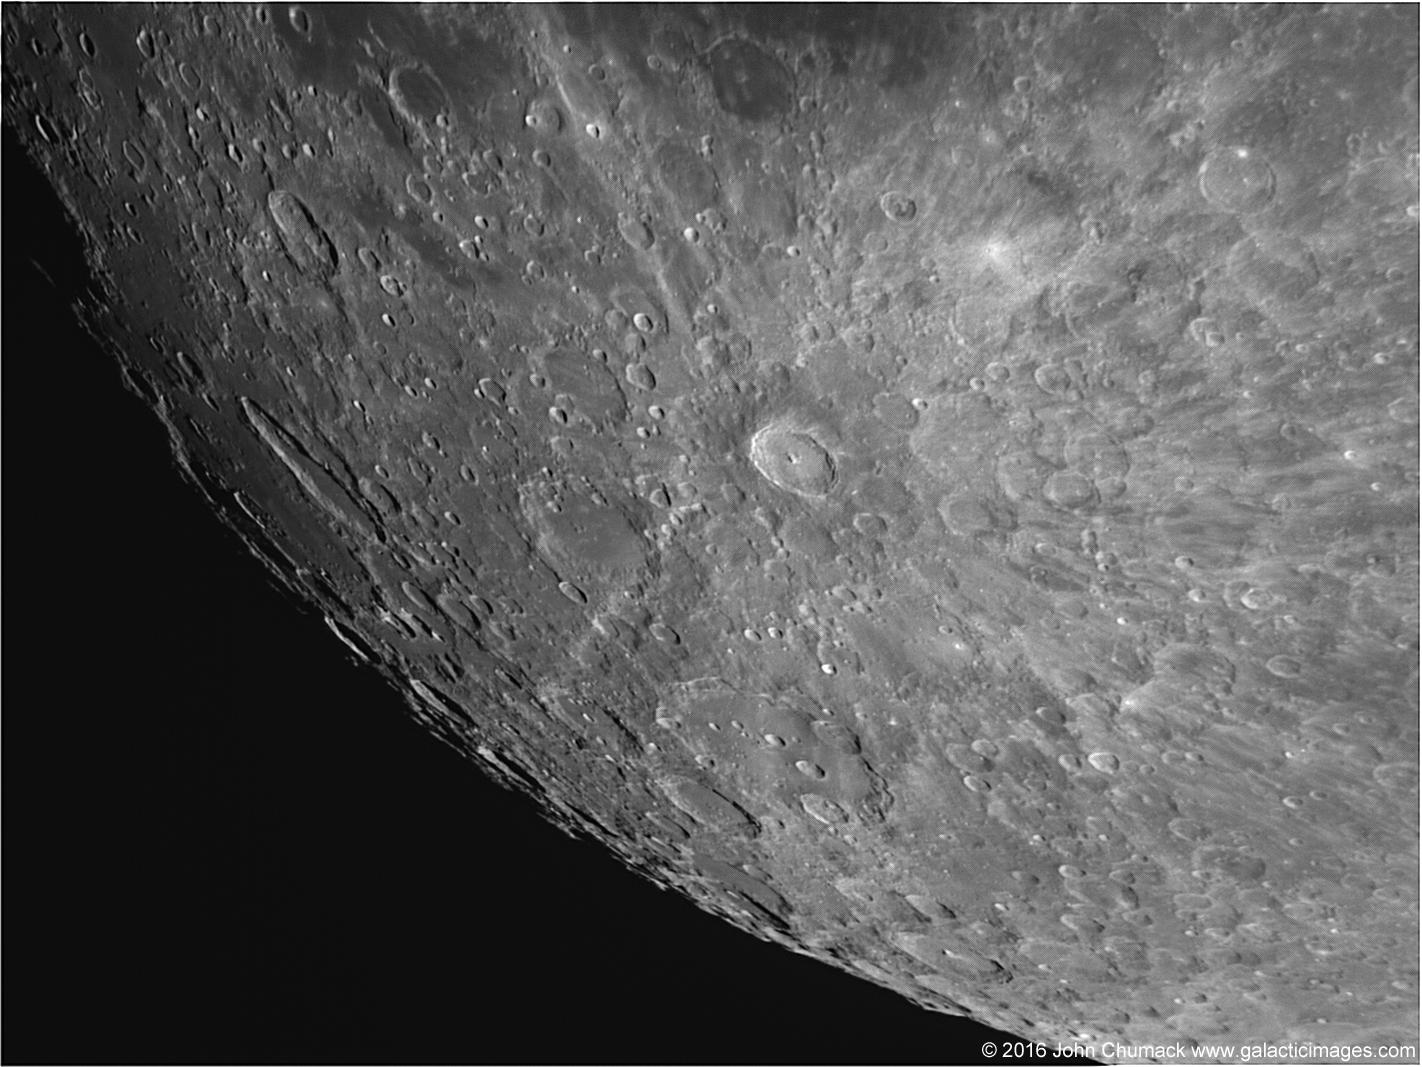 L'astrophotographe John Chumack a pris cette image du cratère Tycho à la surface de la lune le 19 février 2016.